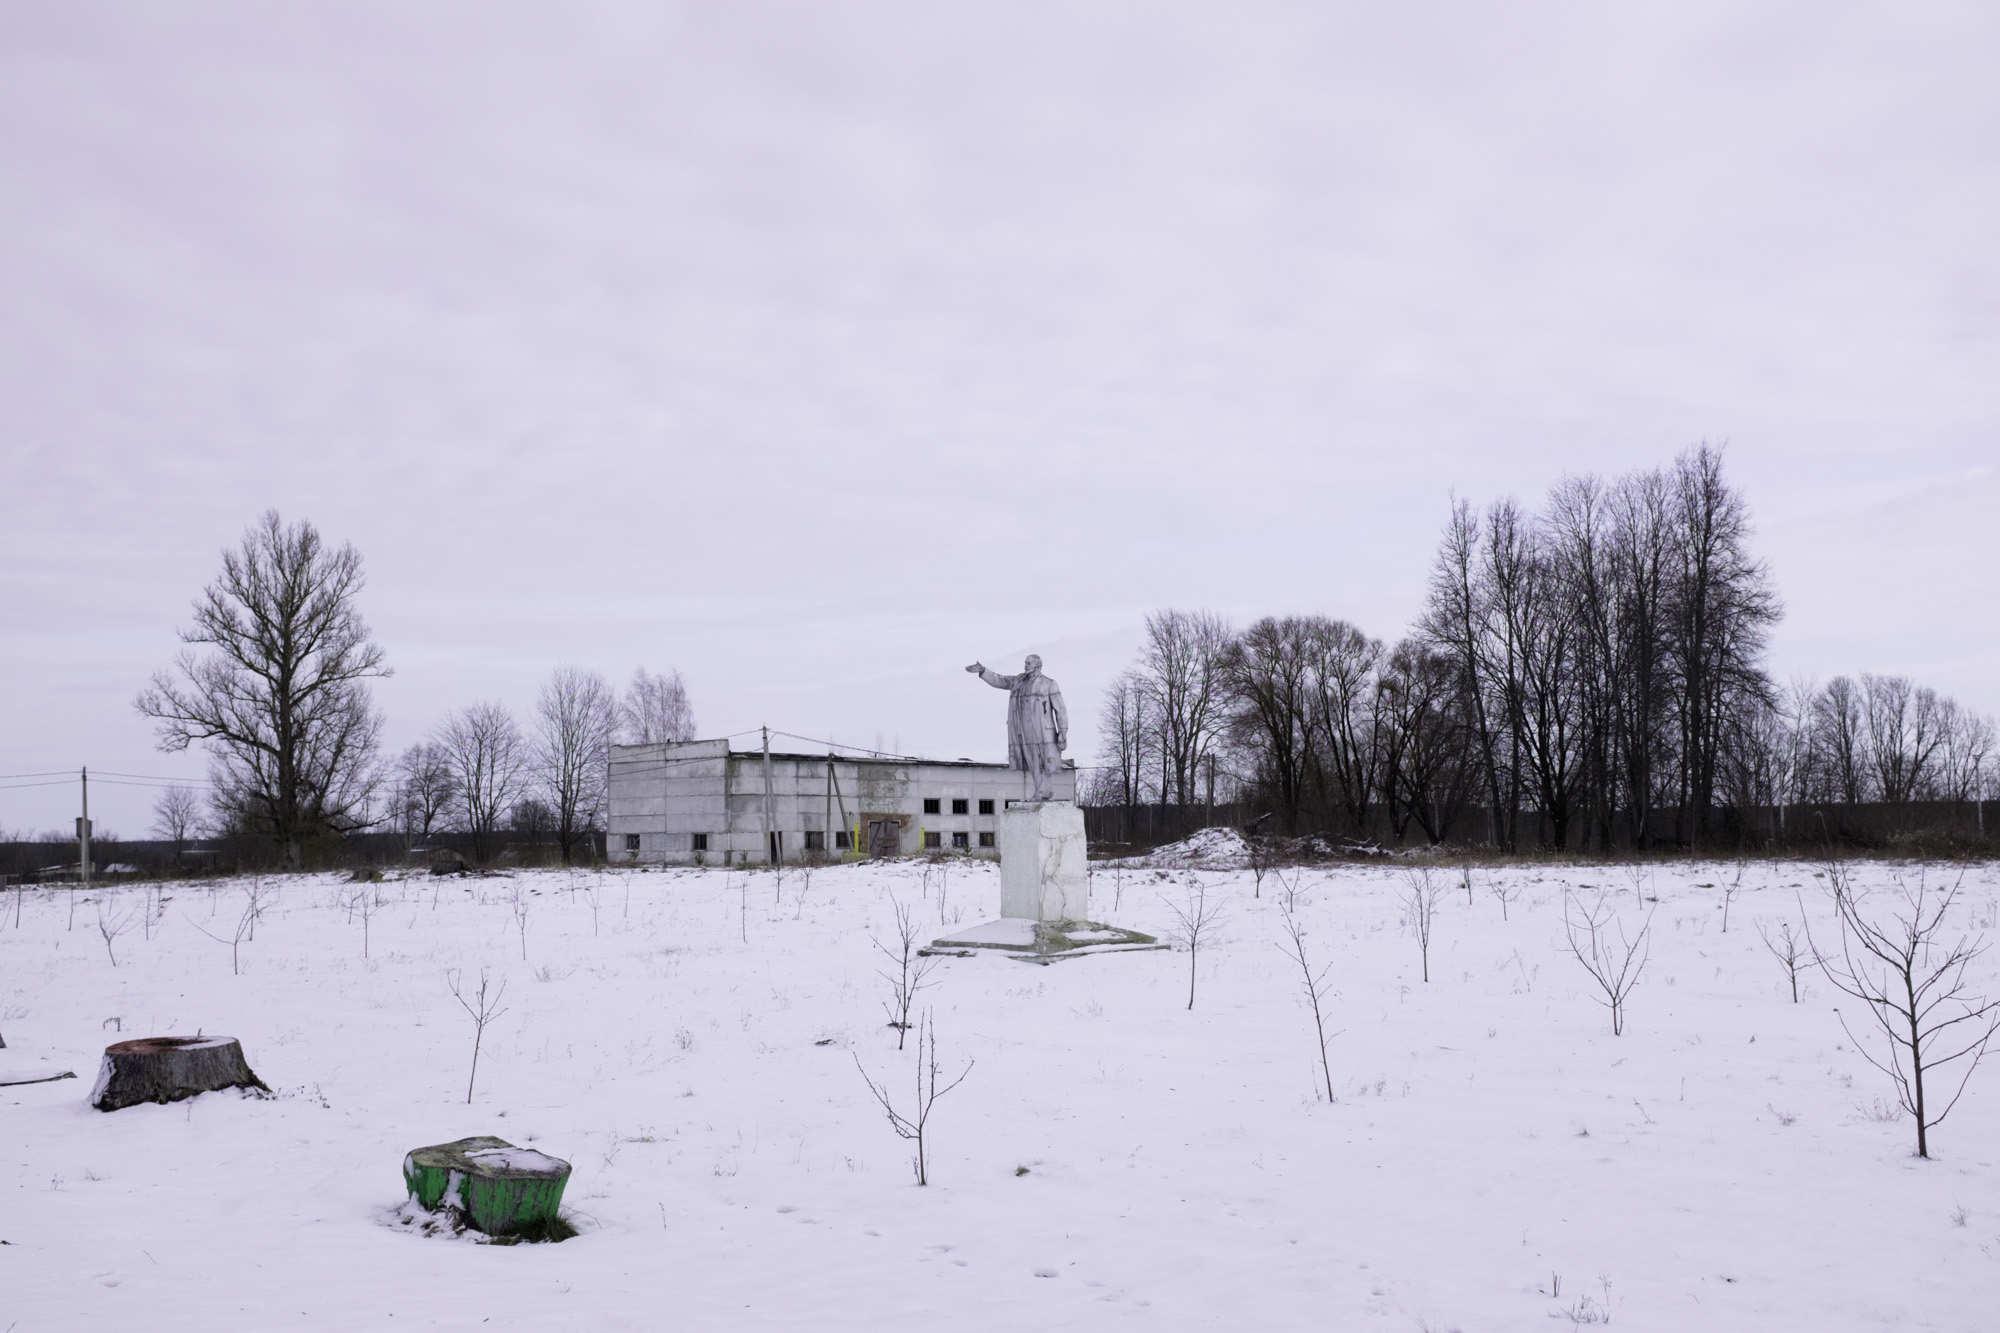 В 2017 году в зоне последующего отселения жило 1700 человек. Большинство из них — в агрогородках Светиловичи и Стреличево, остальные в деревнях Лубень, Губоревичи, Крутое и Боровая.